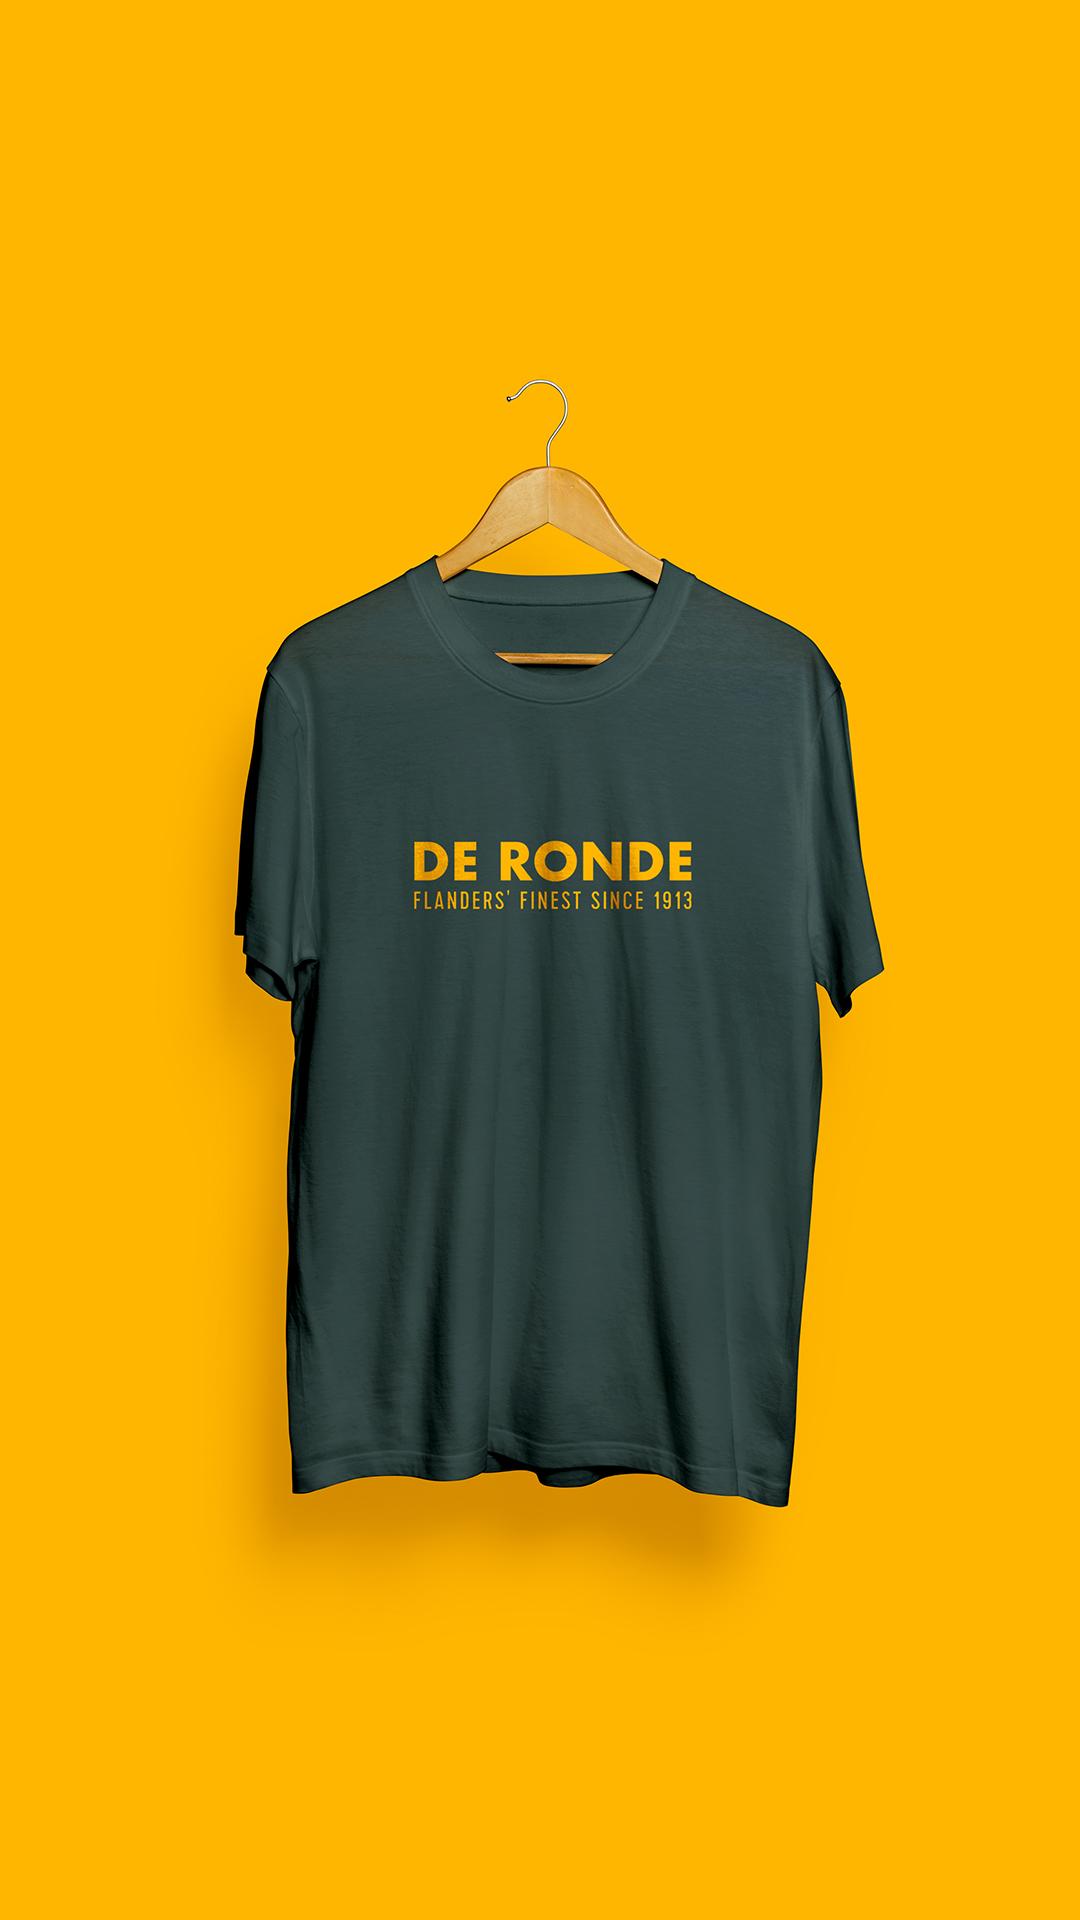 DeRonde